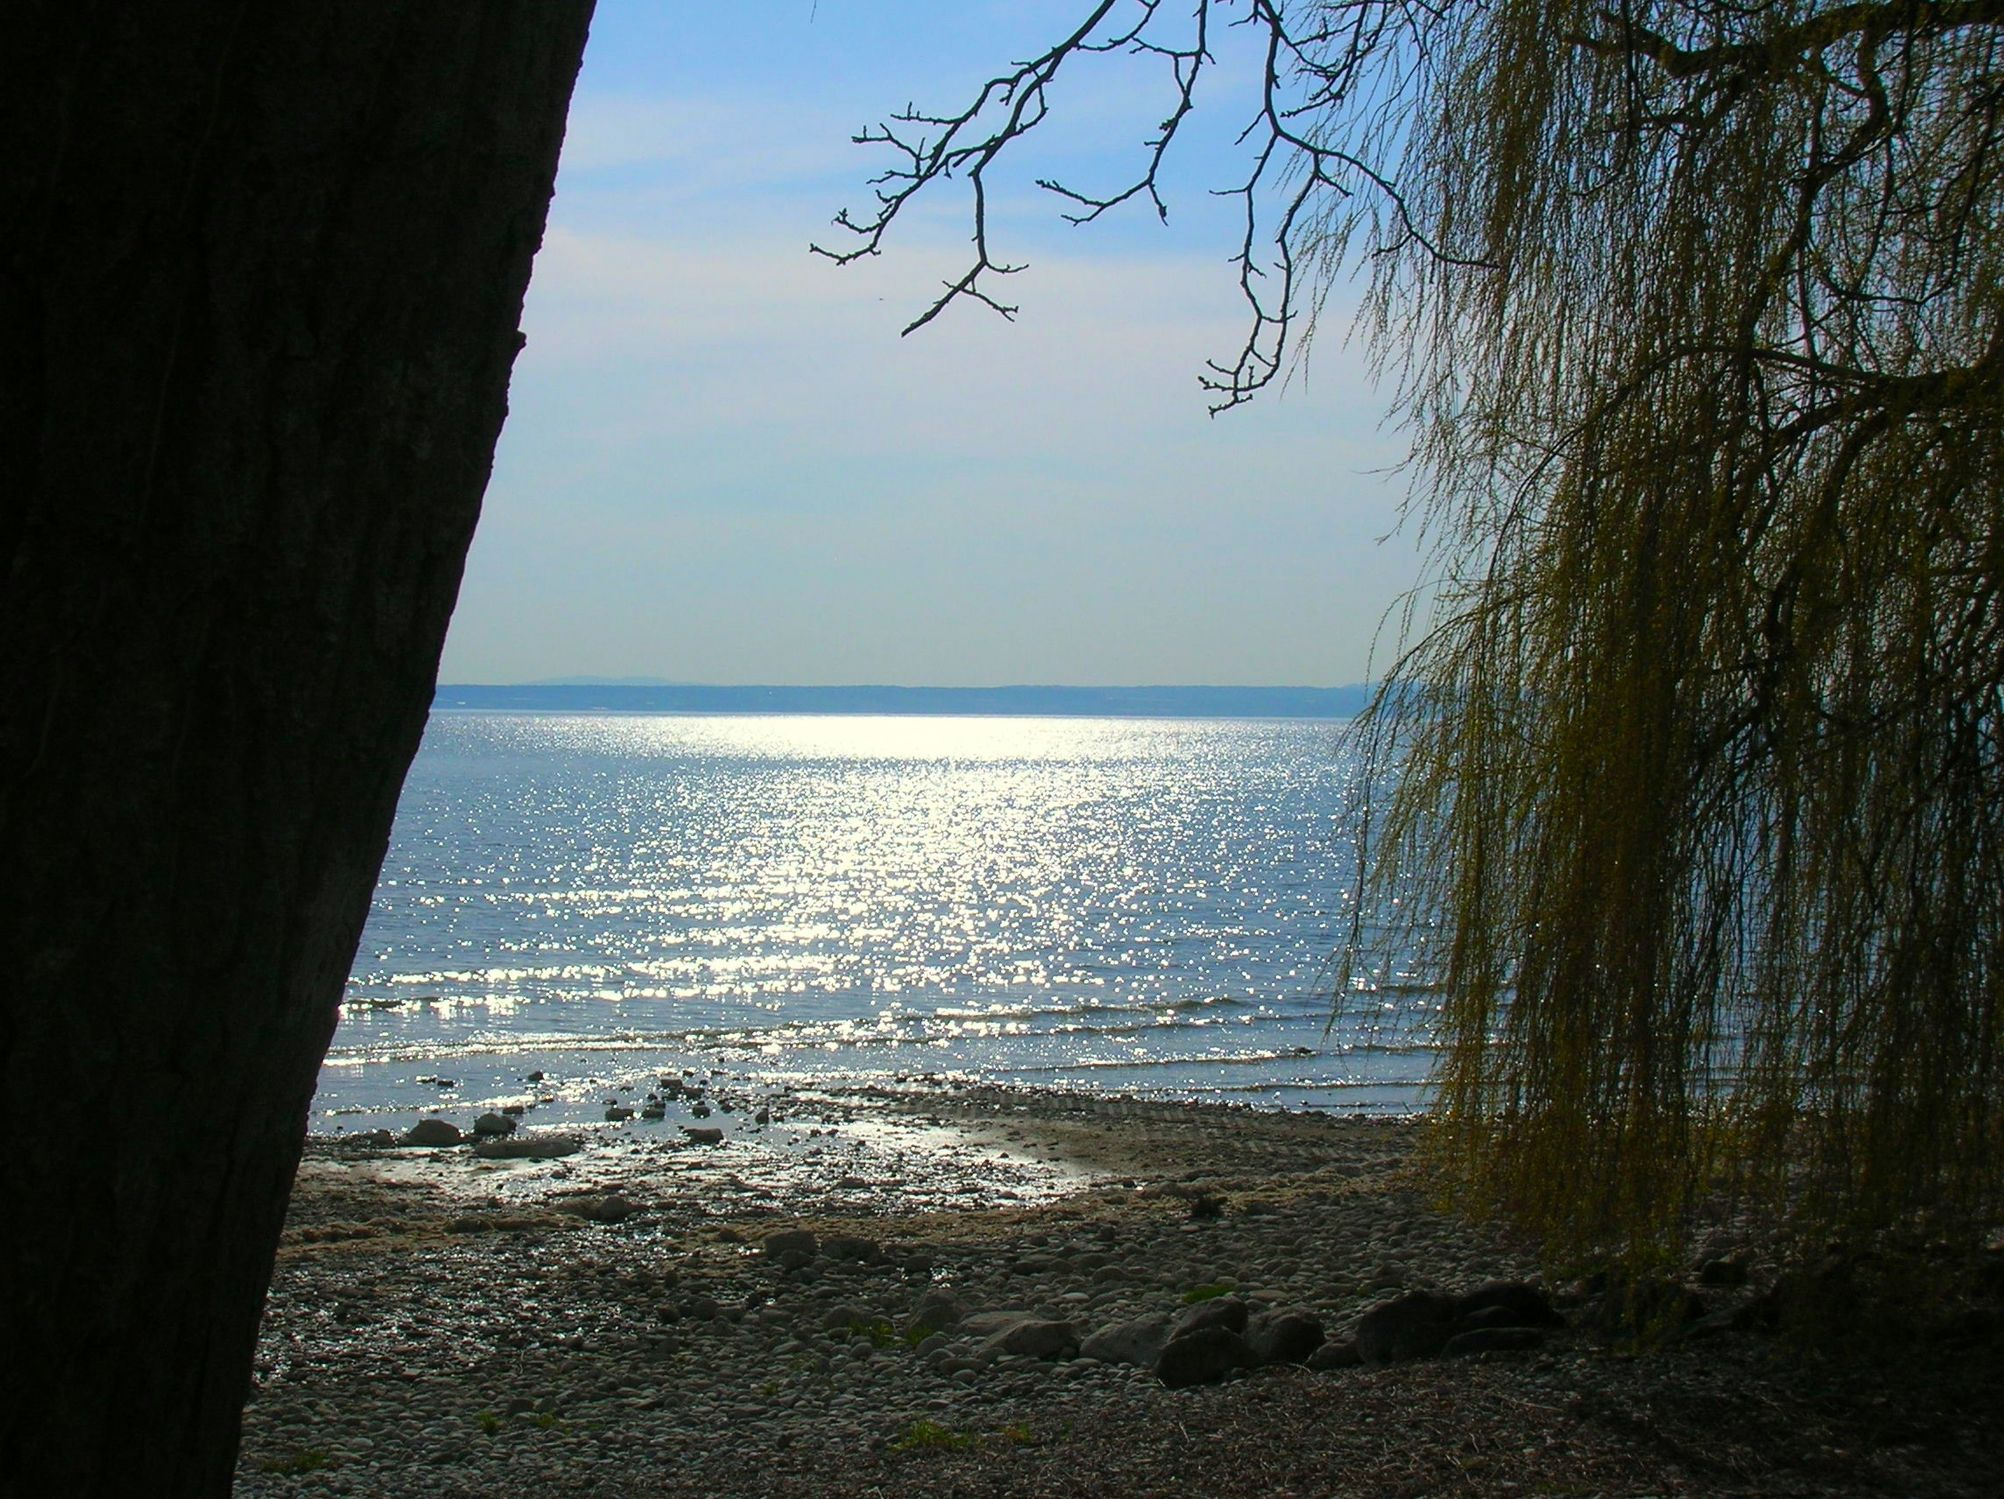 Bild mit Ruhe am See